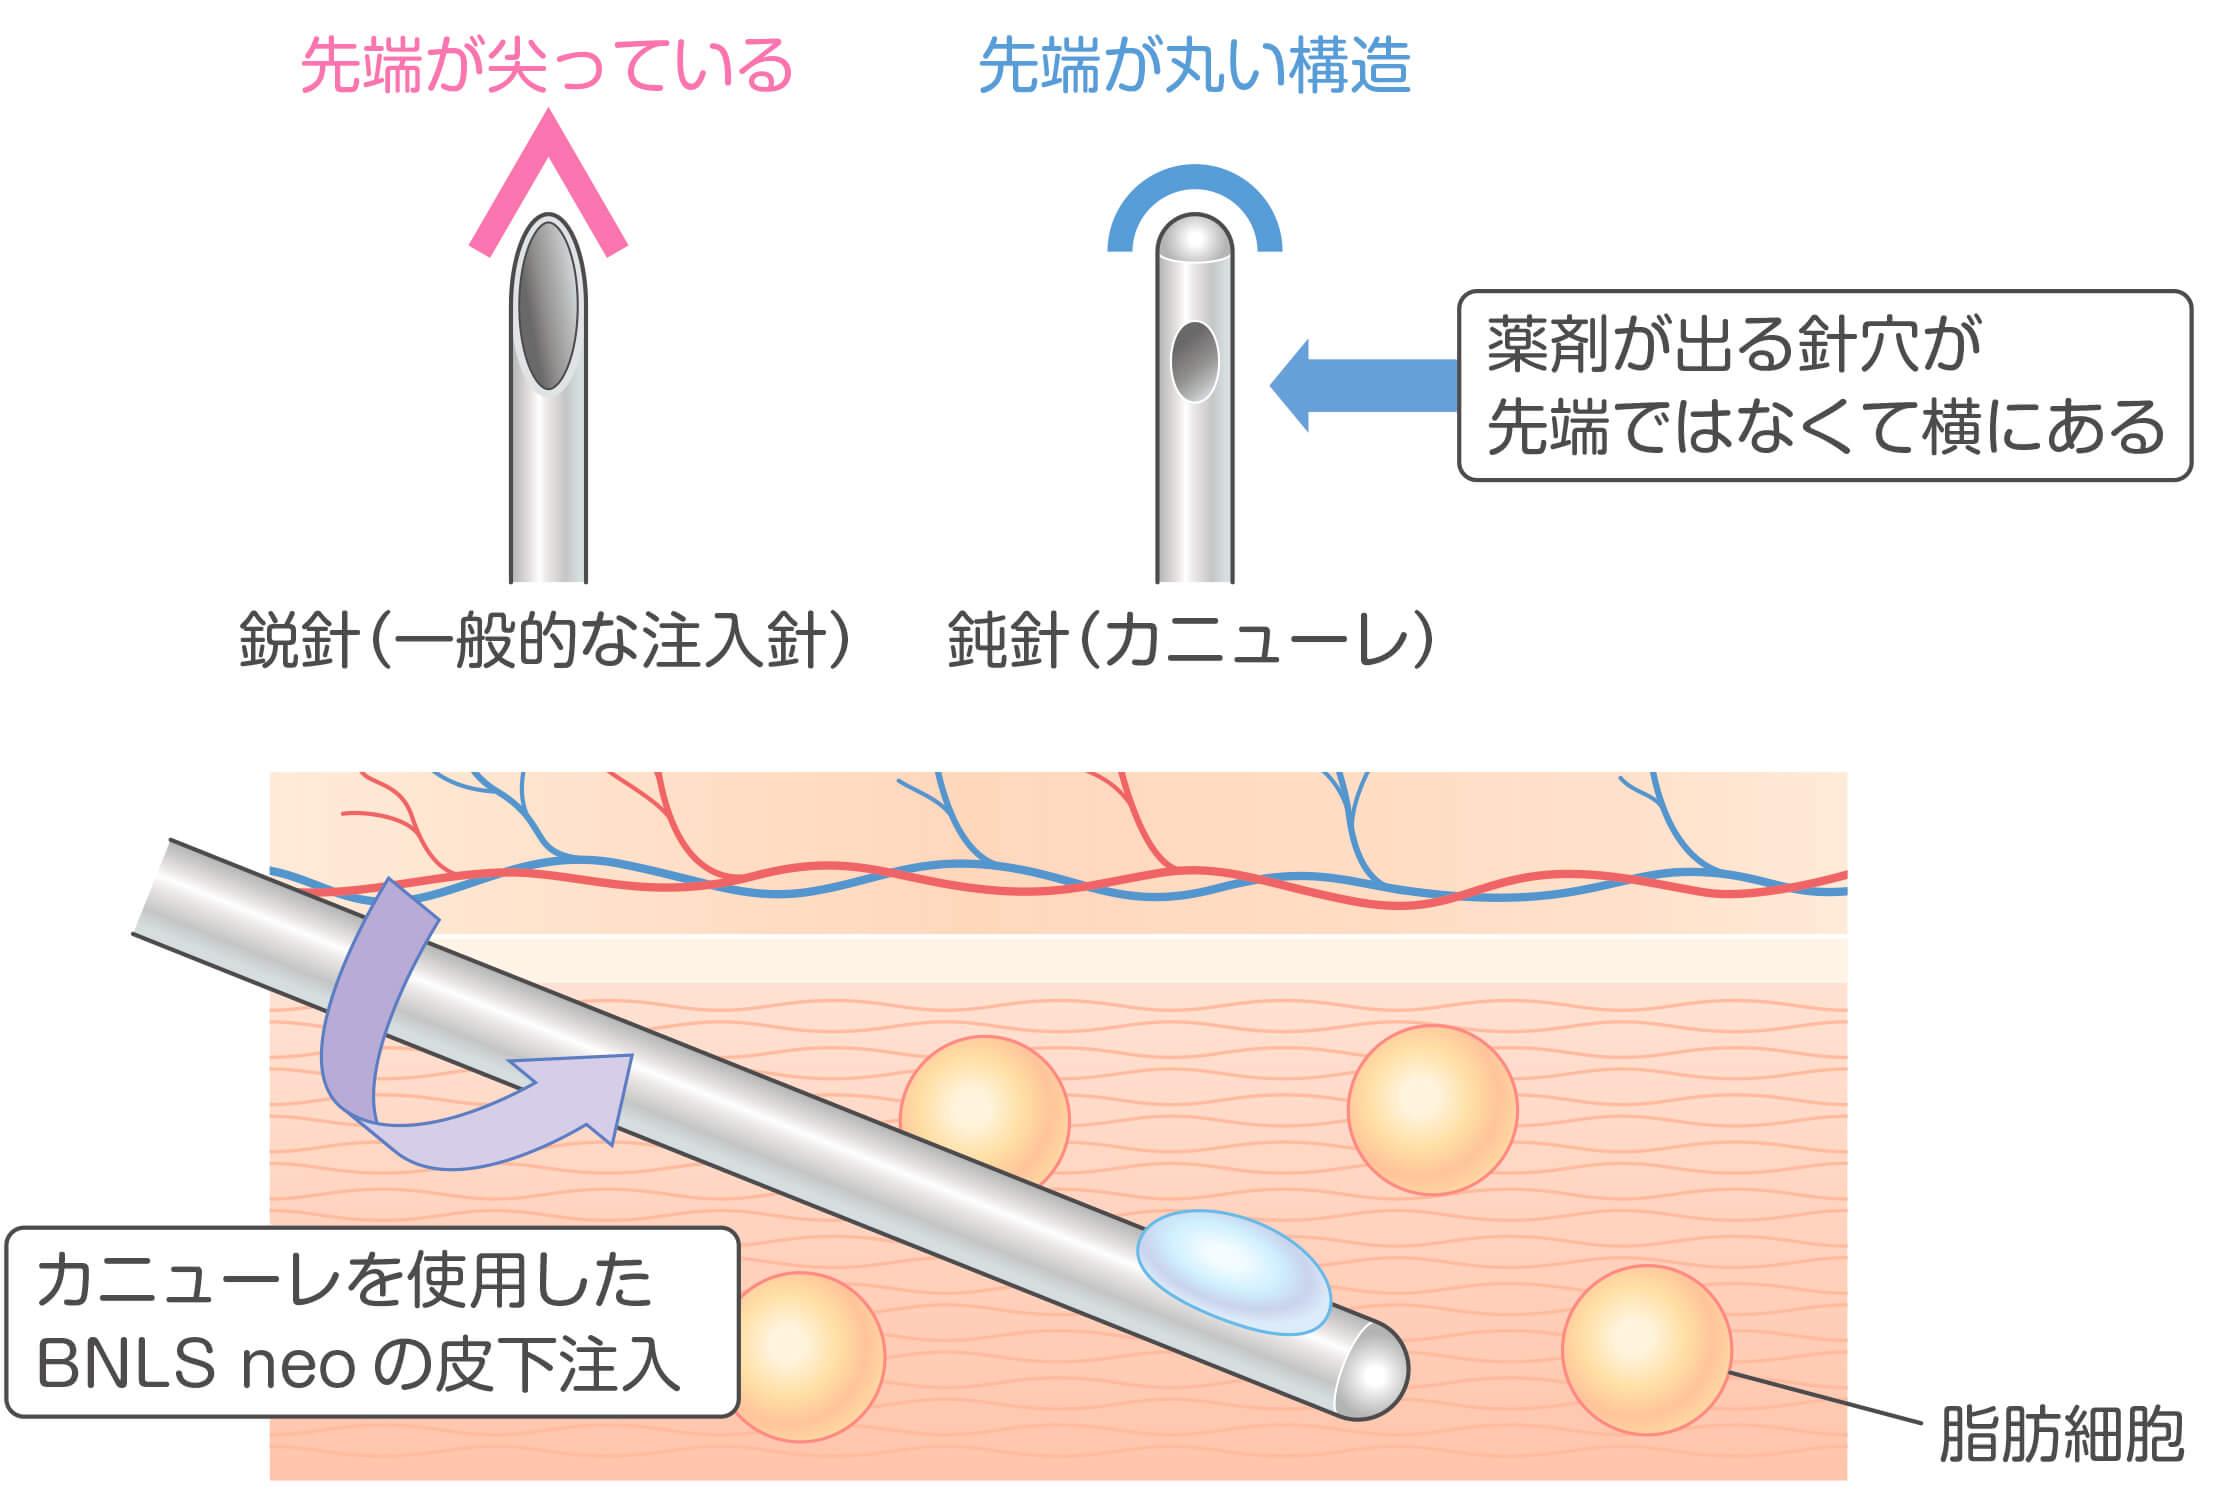 カニューレを用いたBNLS neoの注射方法イラスト